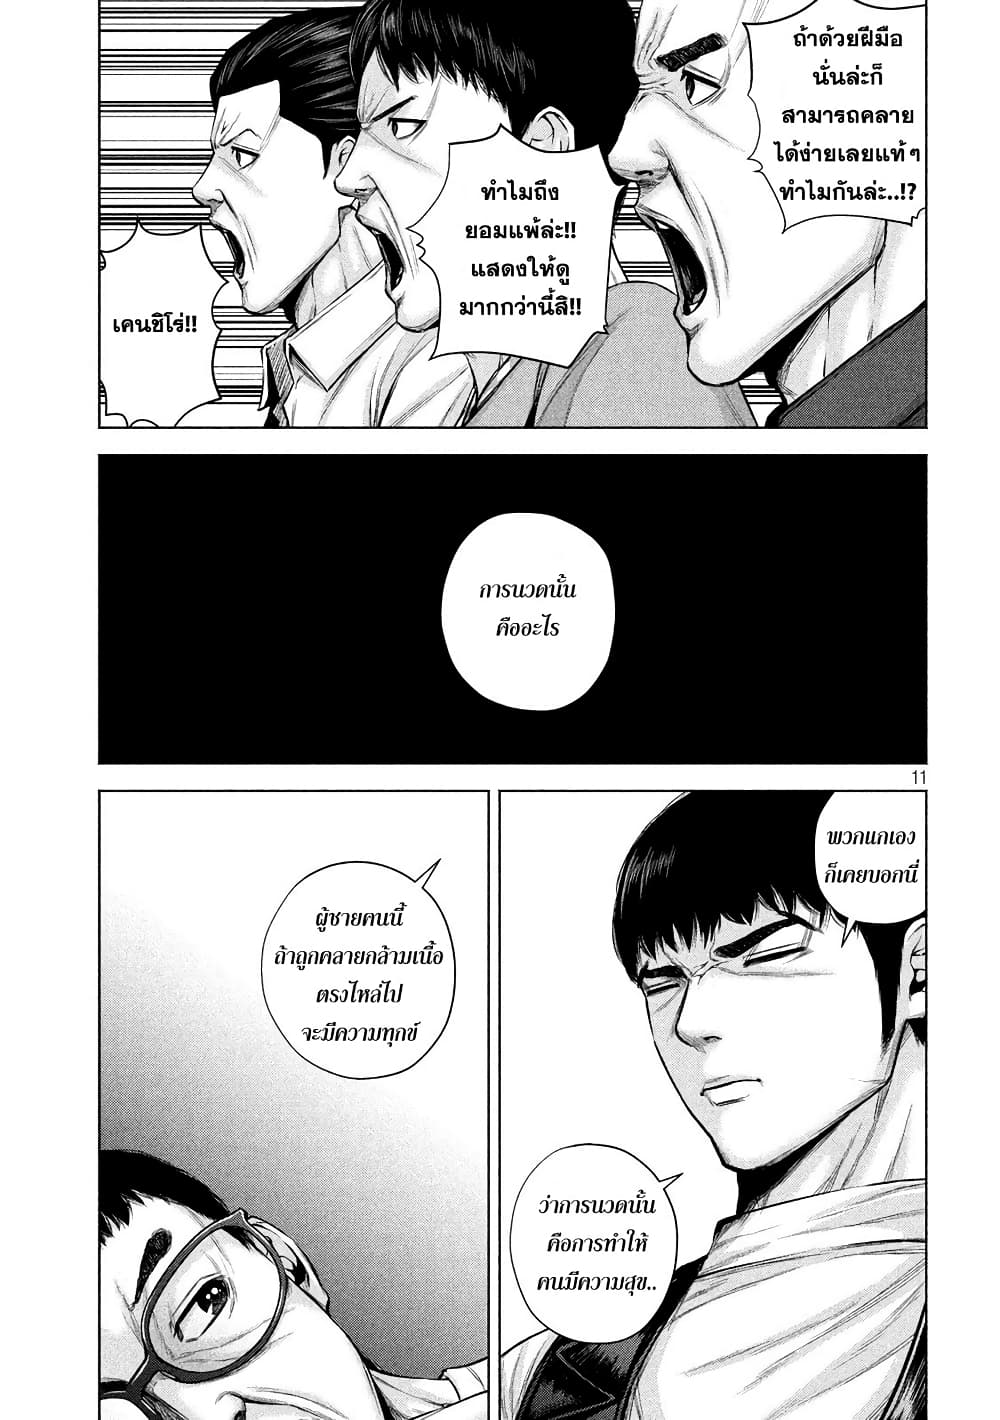 อ่านการ์ตูน Kenshirou ni Yoroshiku ตอนที่ 19 หน้าที่ 11